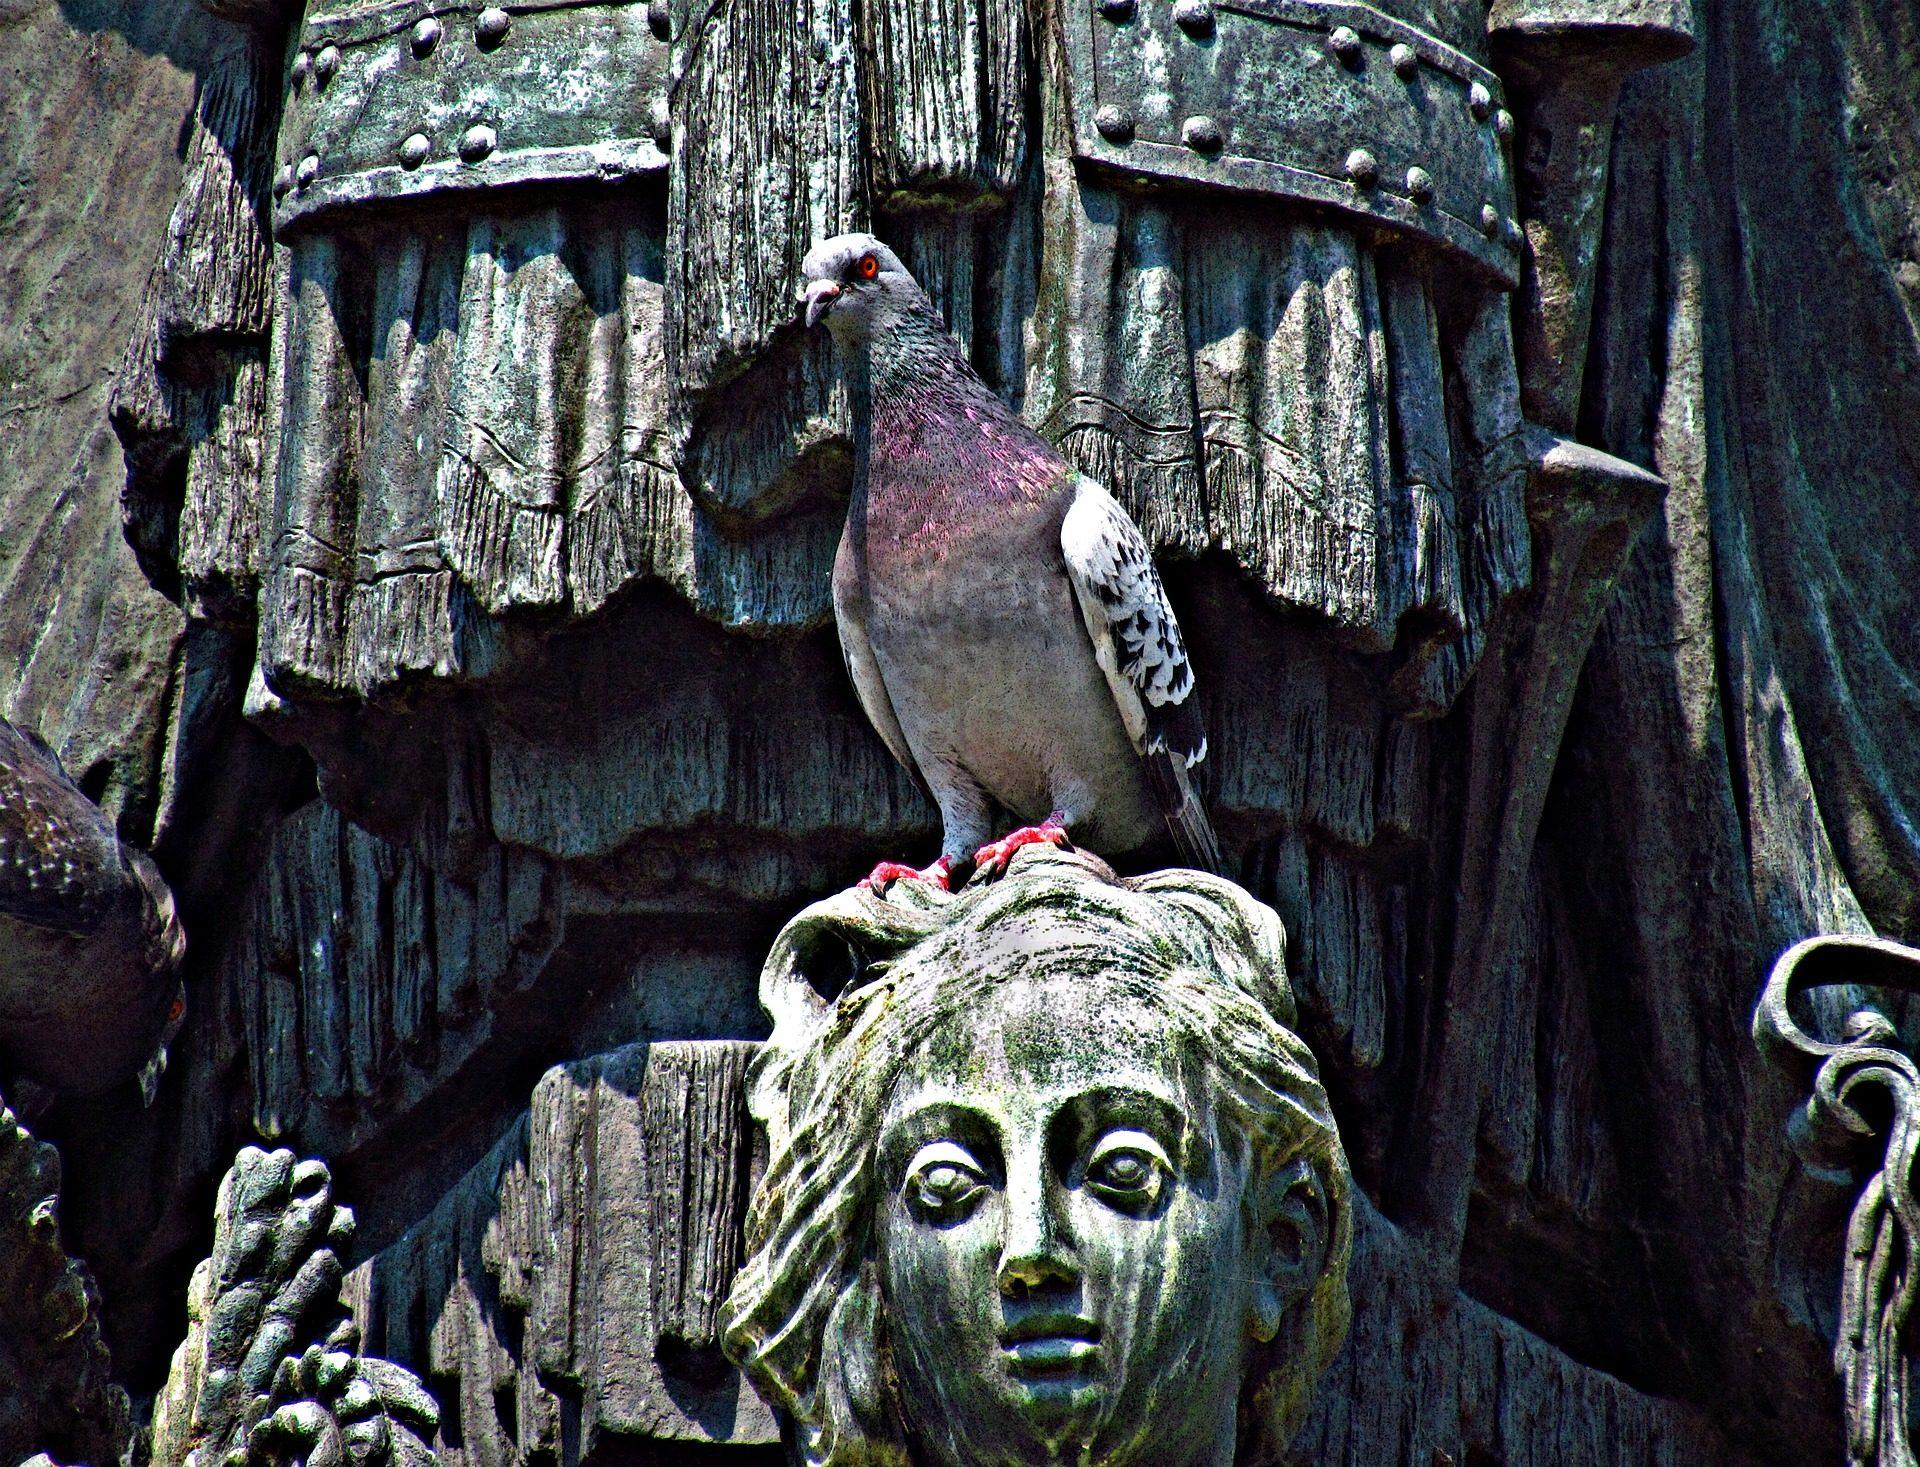 بالوما, أفي, الطيور, النحت, النصب التذكاري - خلفيات عالية الدقة - أستاذ falken.com